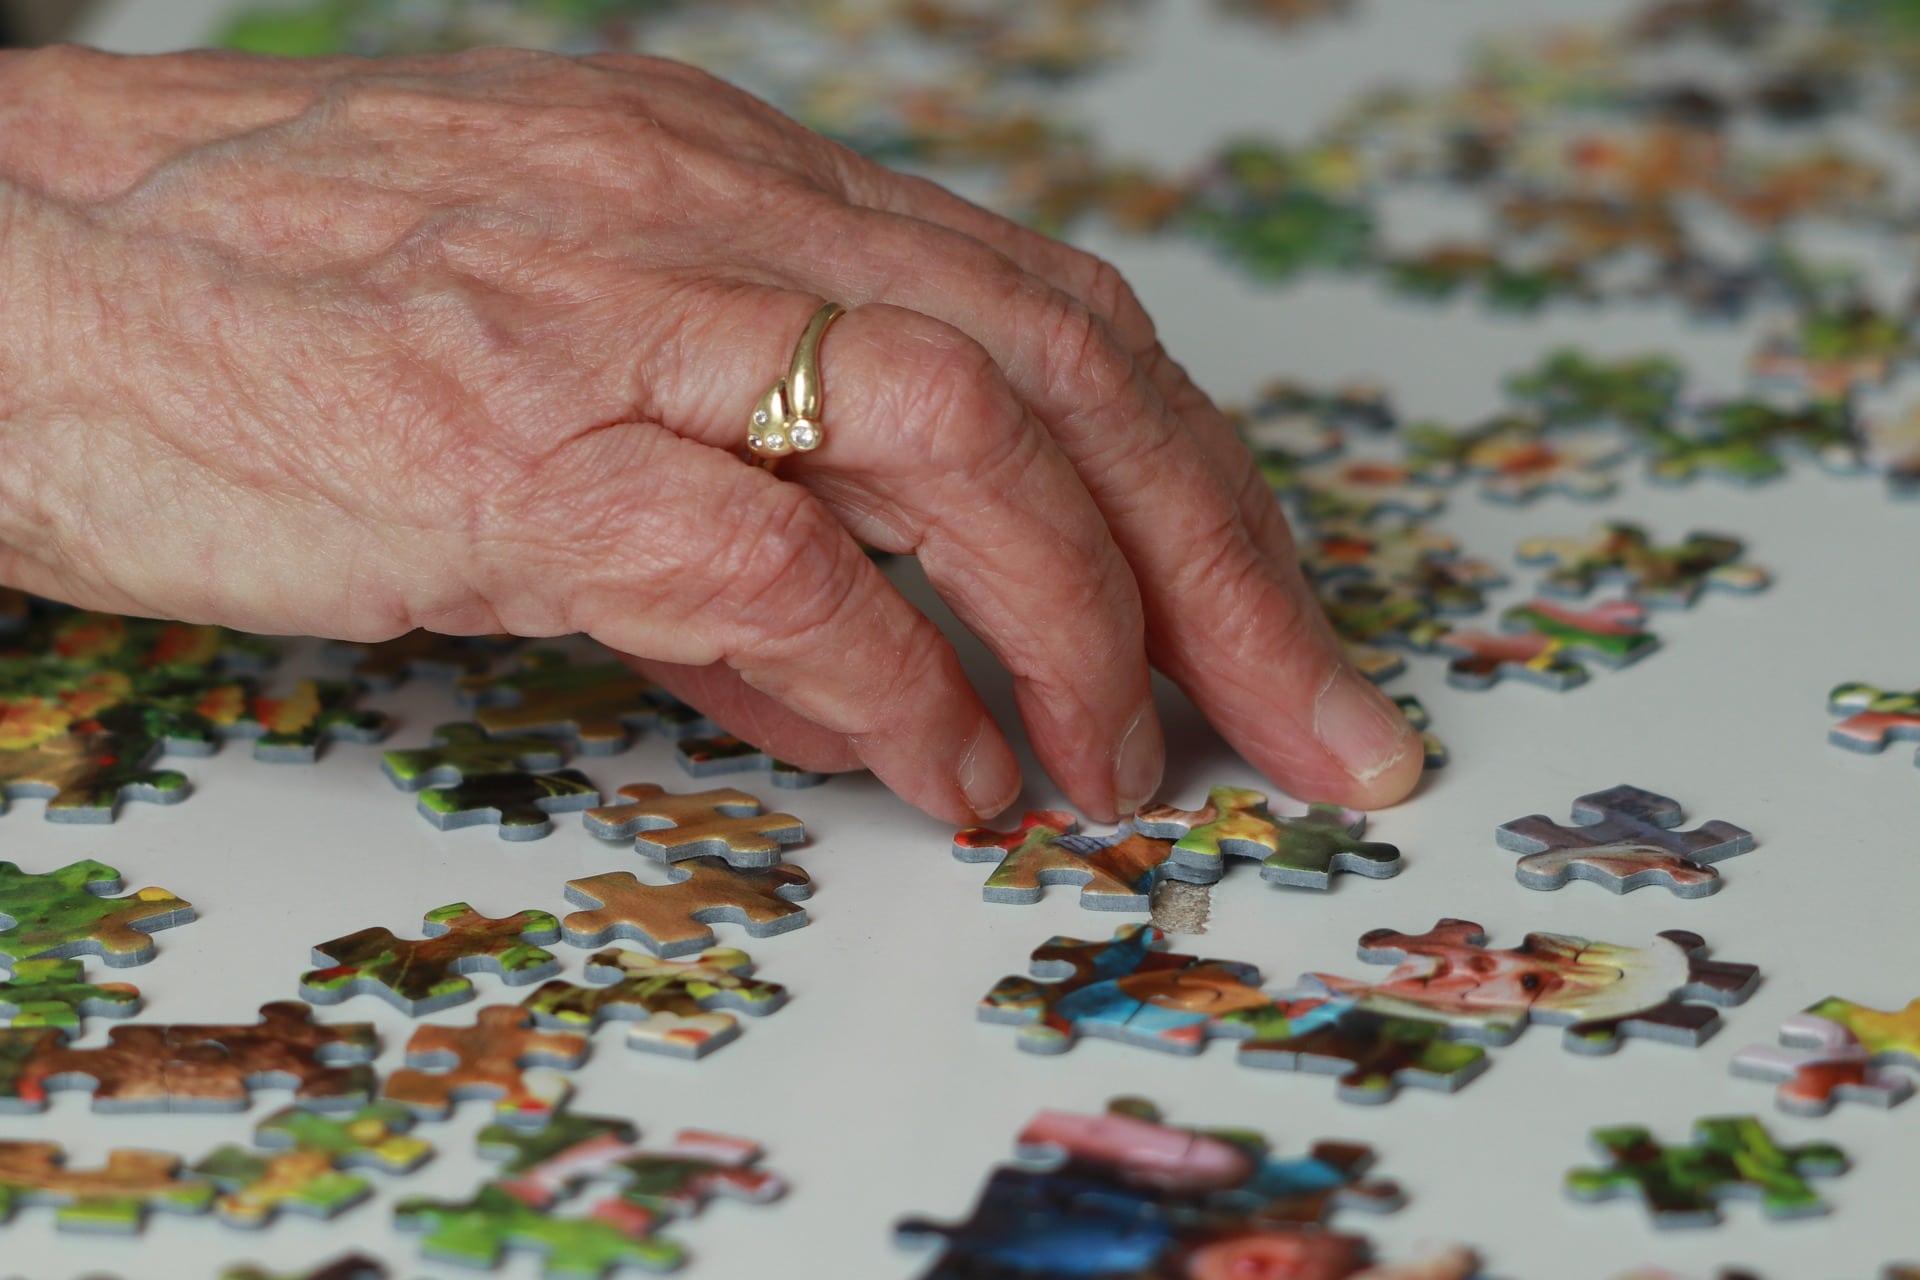 A senior enjoys a jigsaw puzzle